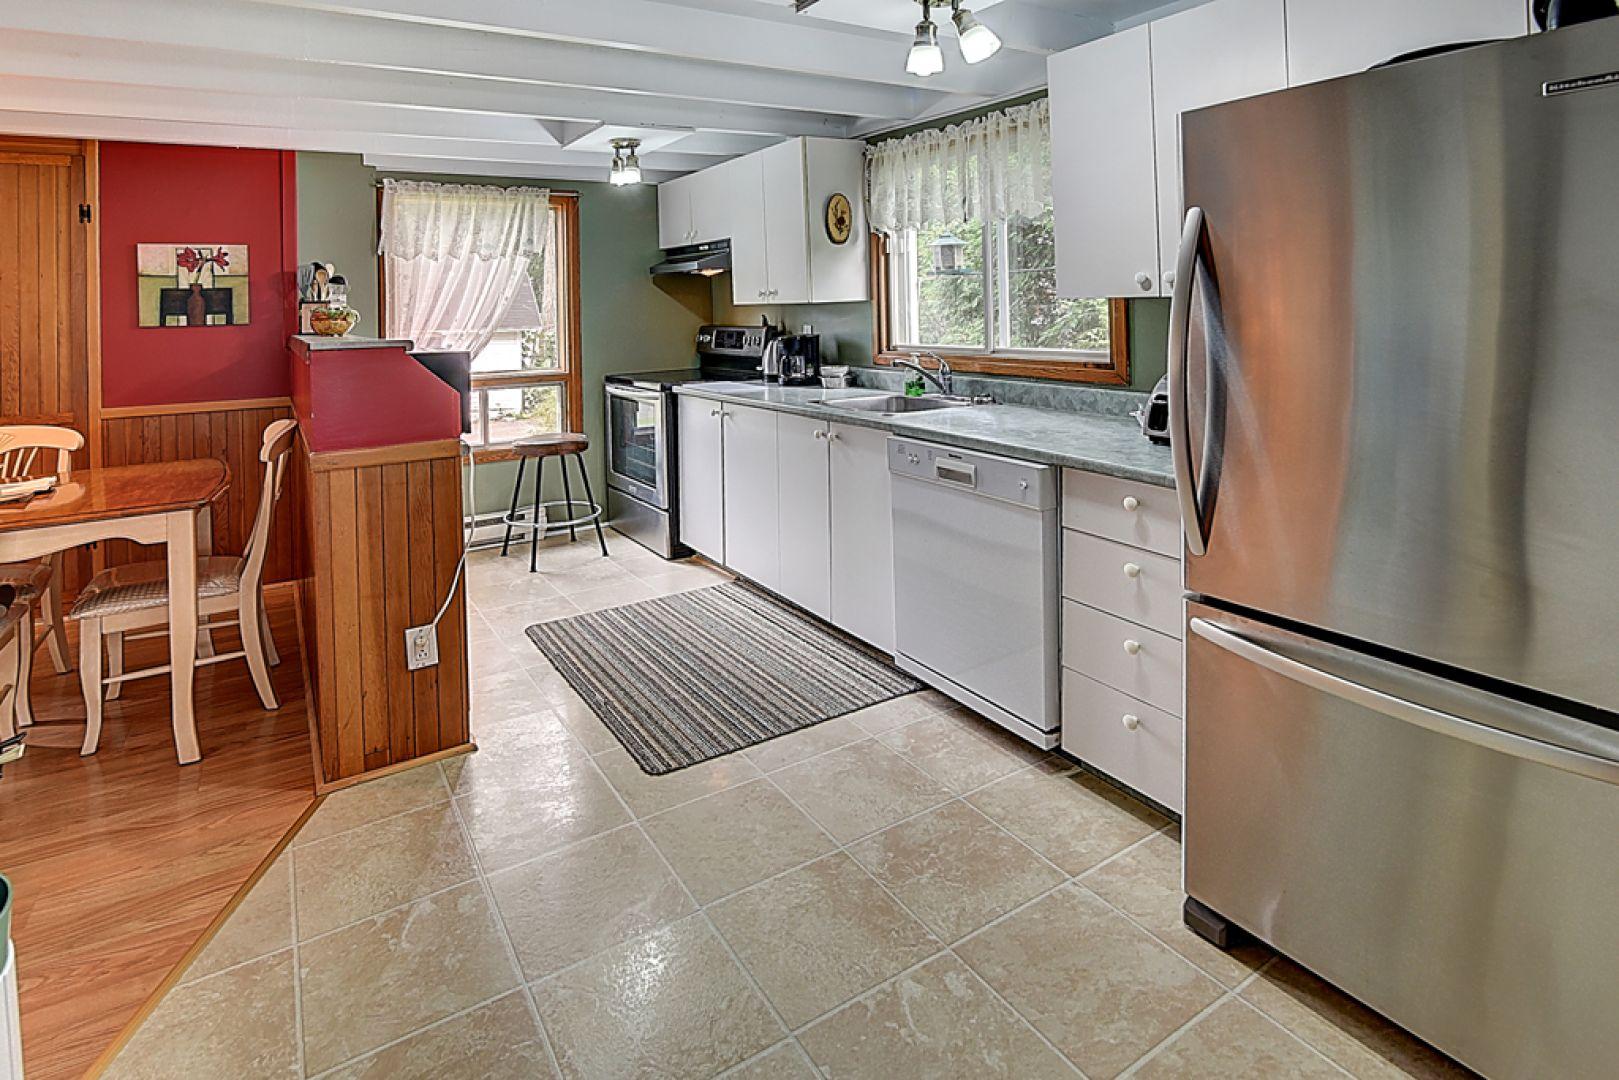 Wunderbar St. Louis Küche Und Bad Fotos - Küchenschrank Ideen ...